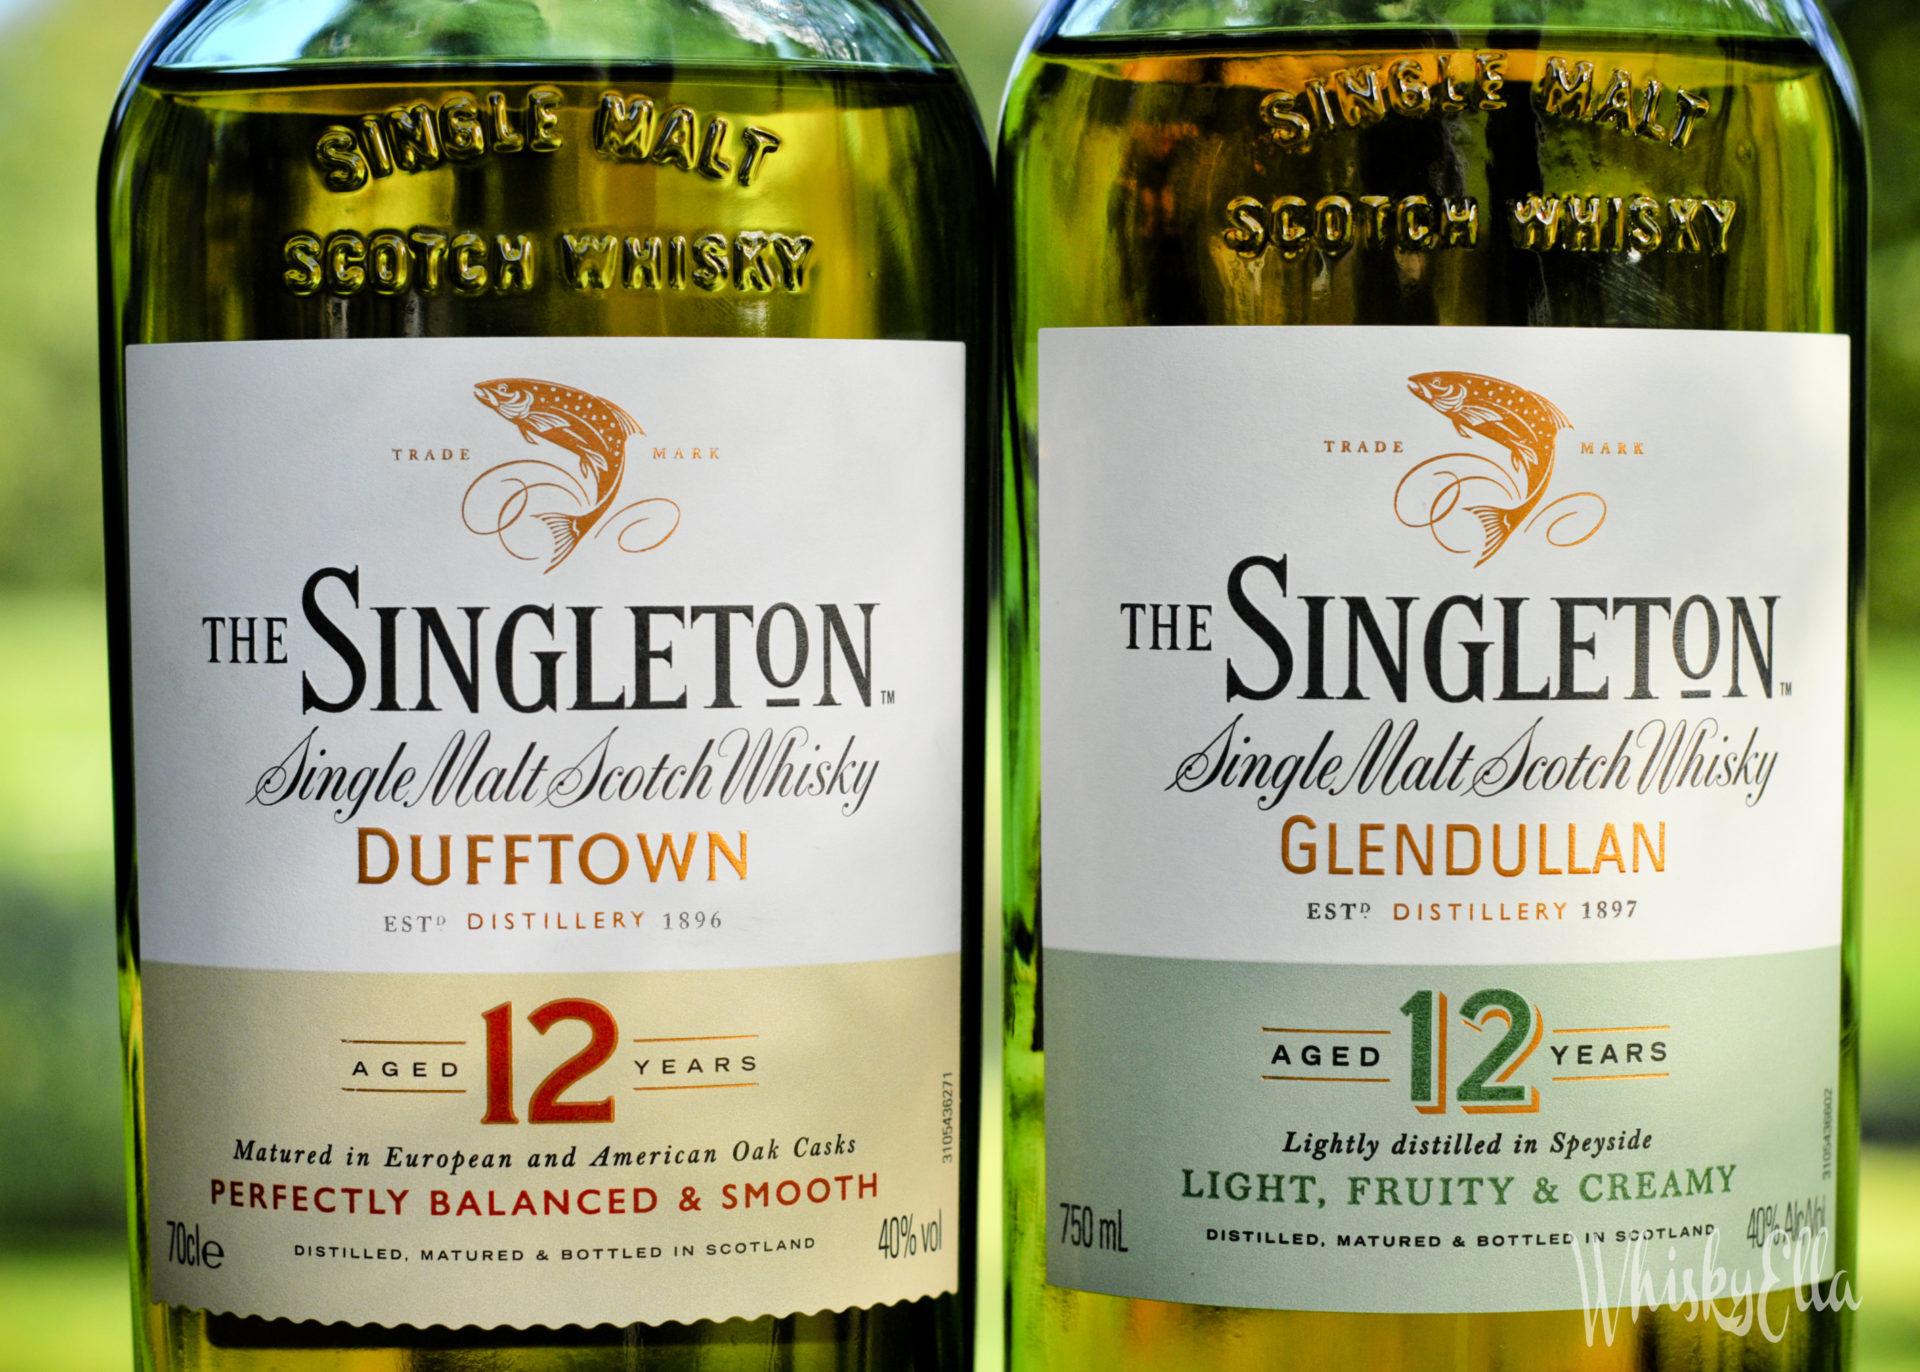 Nasza recenzja Singleton 12 yo Glendullan vs 12 yo Dufftown #32